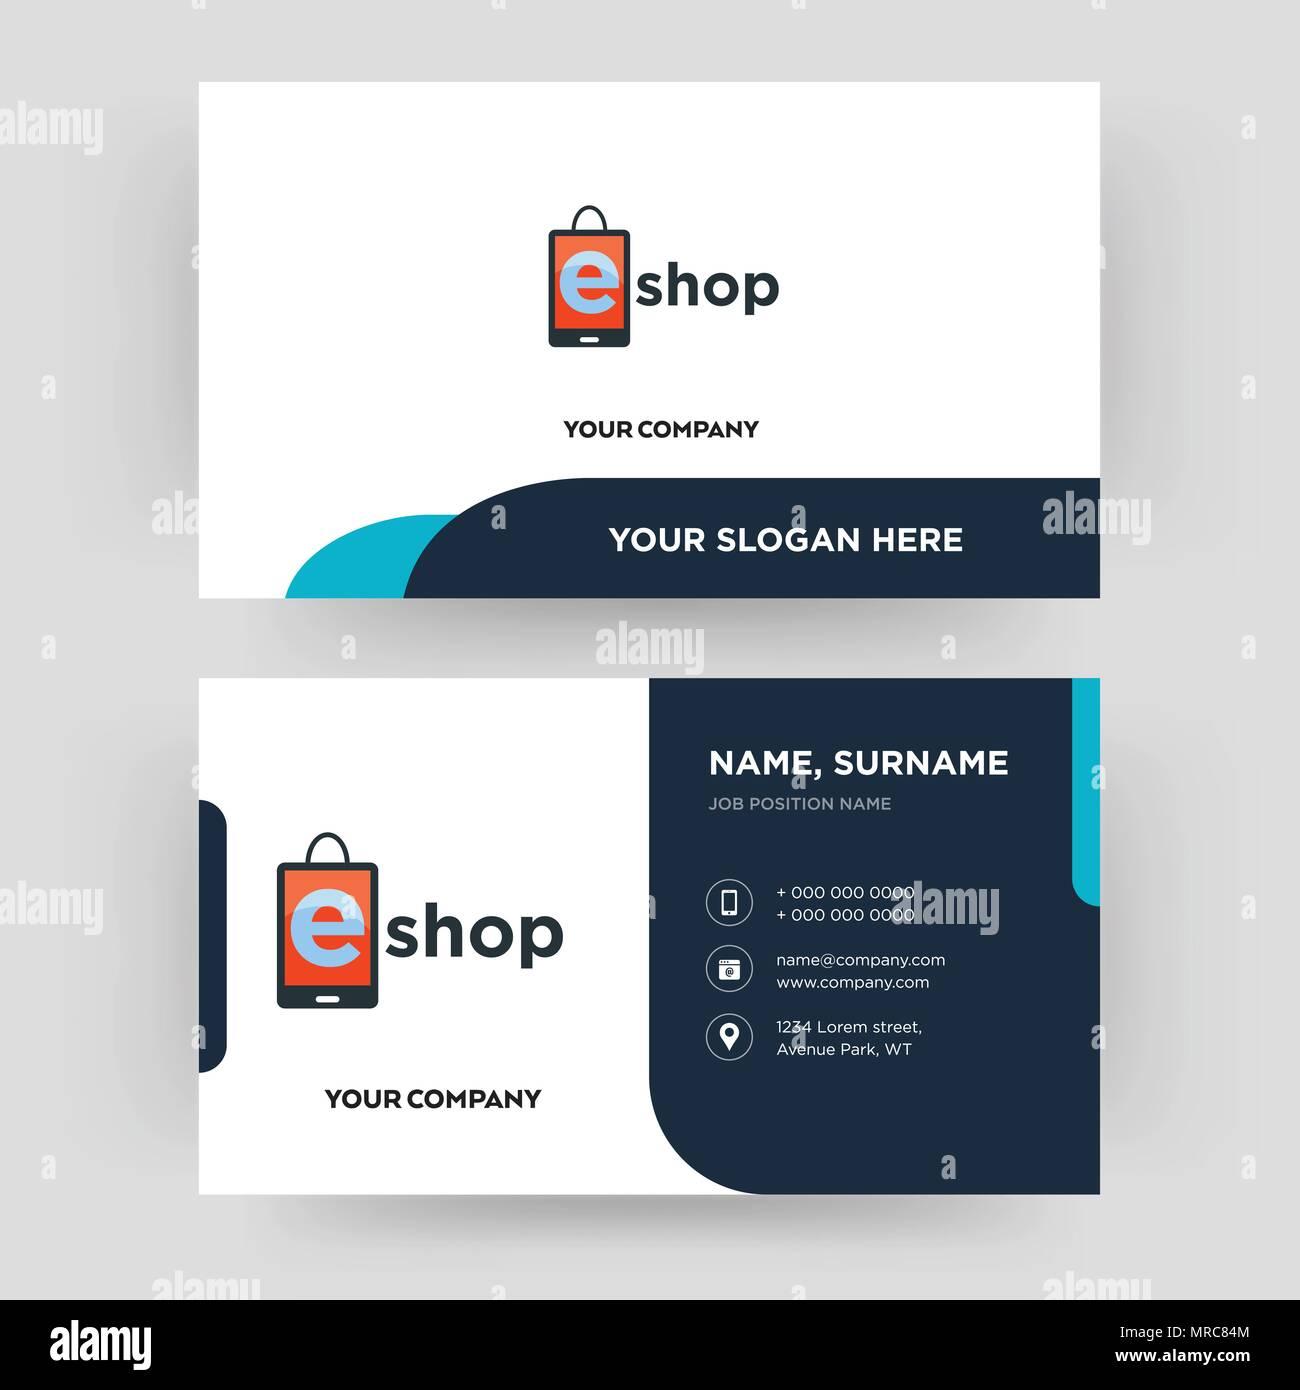 La Boutique En Ligne Carte De Visite Modele Conception Pour Votre Entreprise Creative Et Moderne Didentite Propre Vector